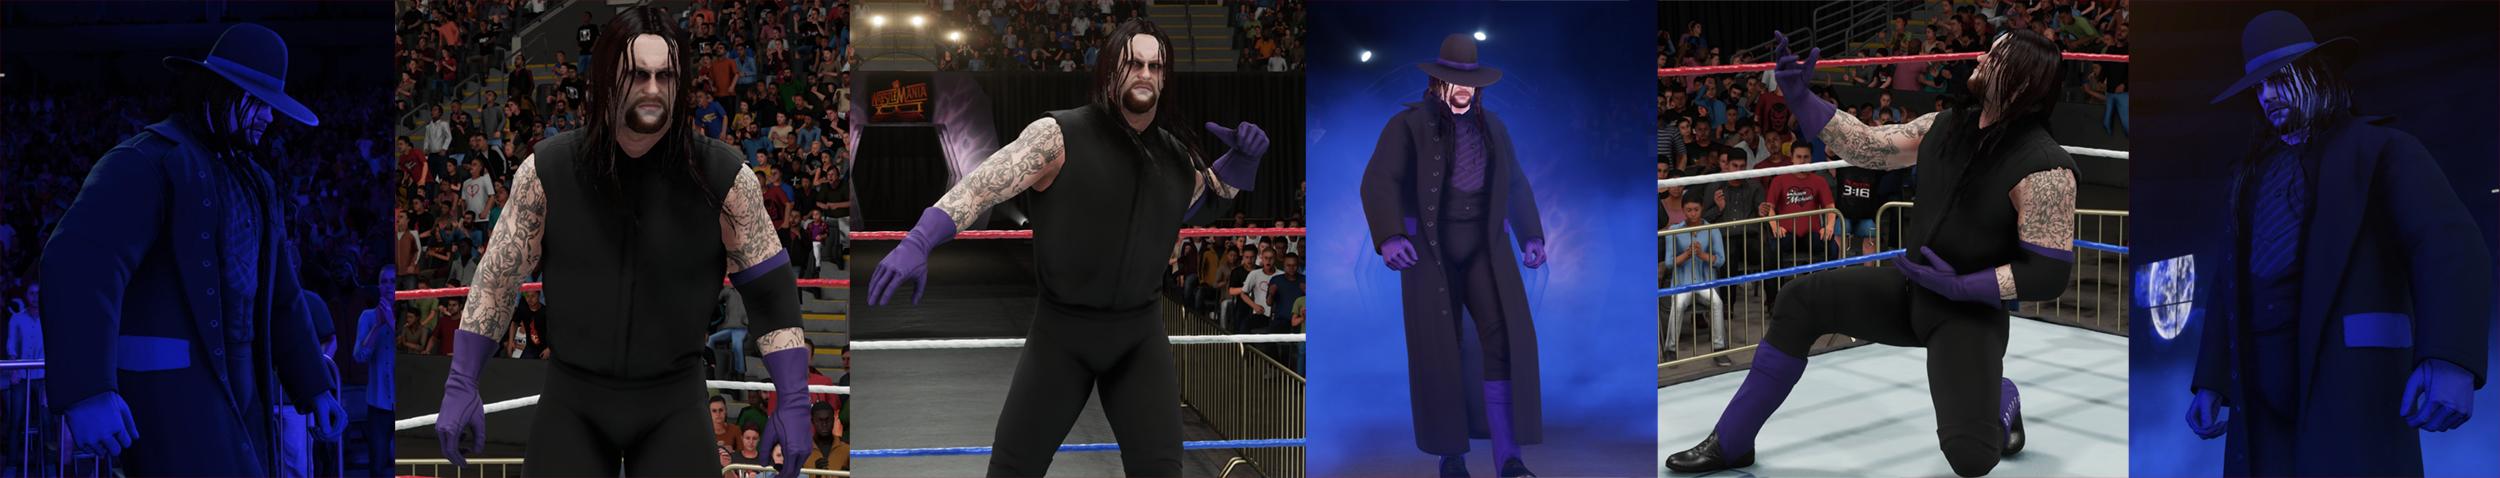 Undertaker-96.jpg